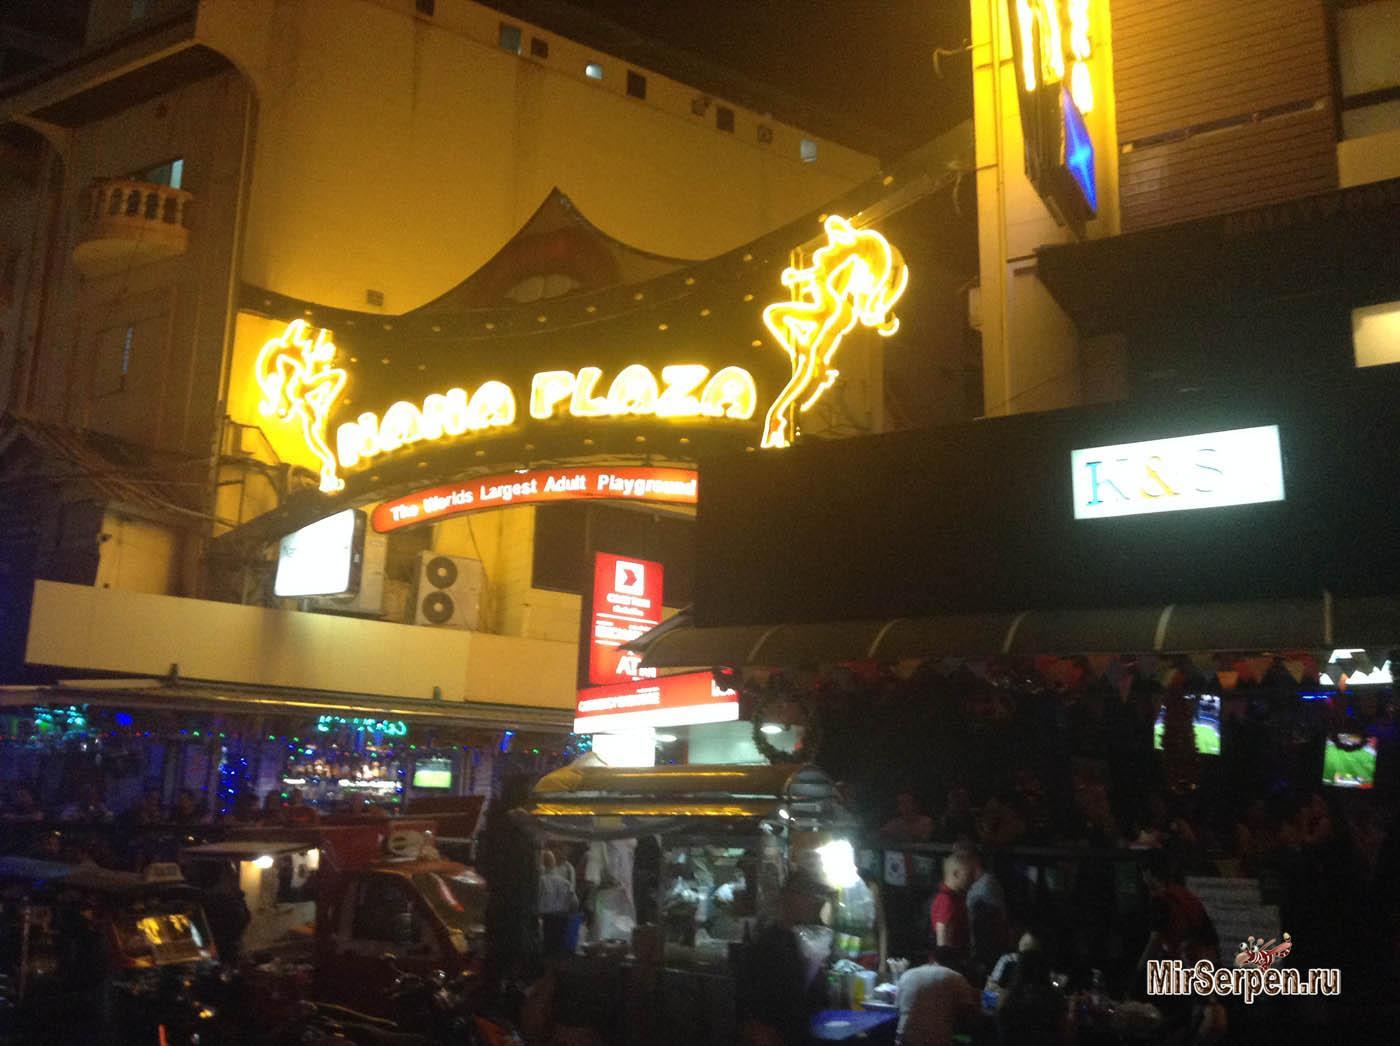 Бангкок, район Nana Plaza, январь 2017